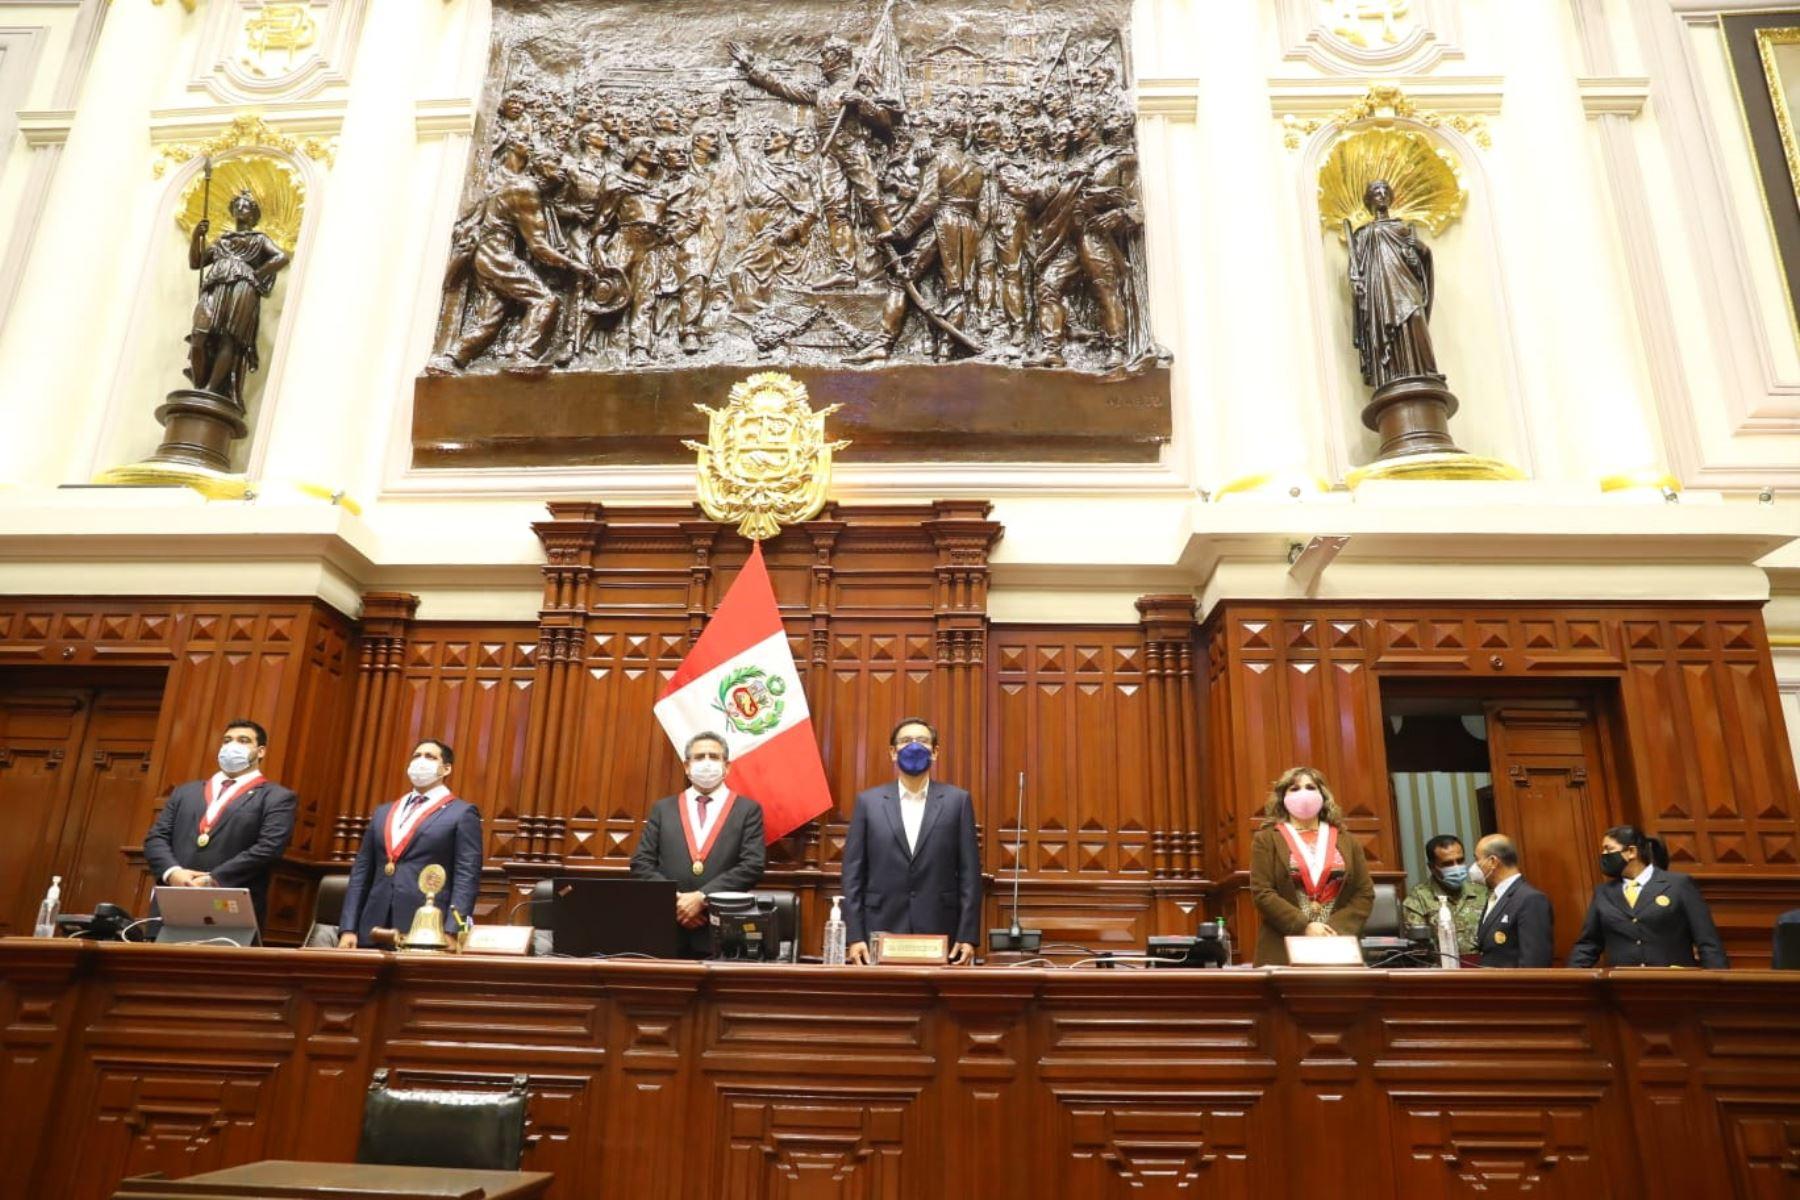 Aquí el discurso completo del Presidente Vizcarra ante el Congreso